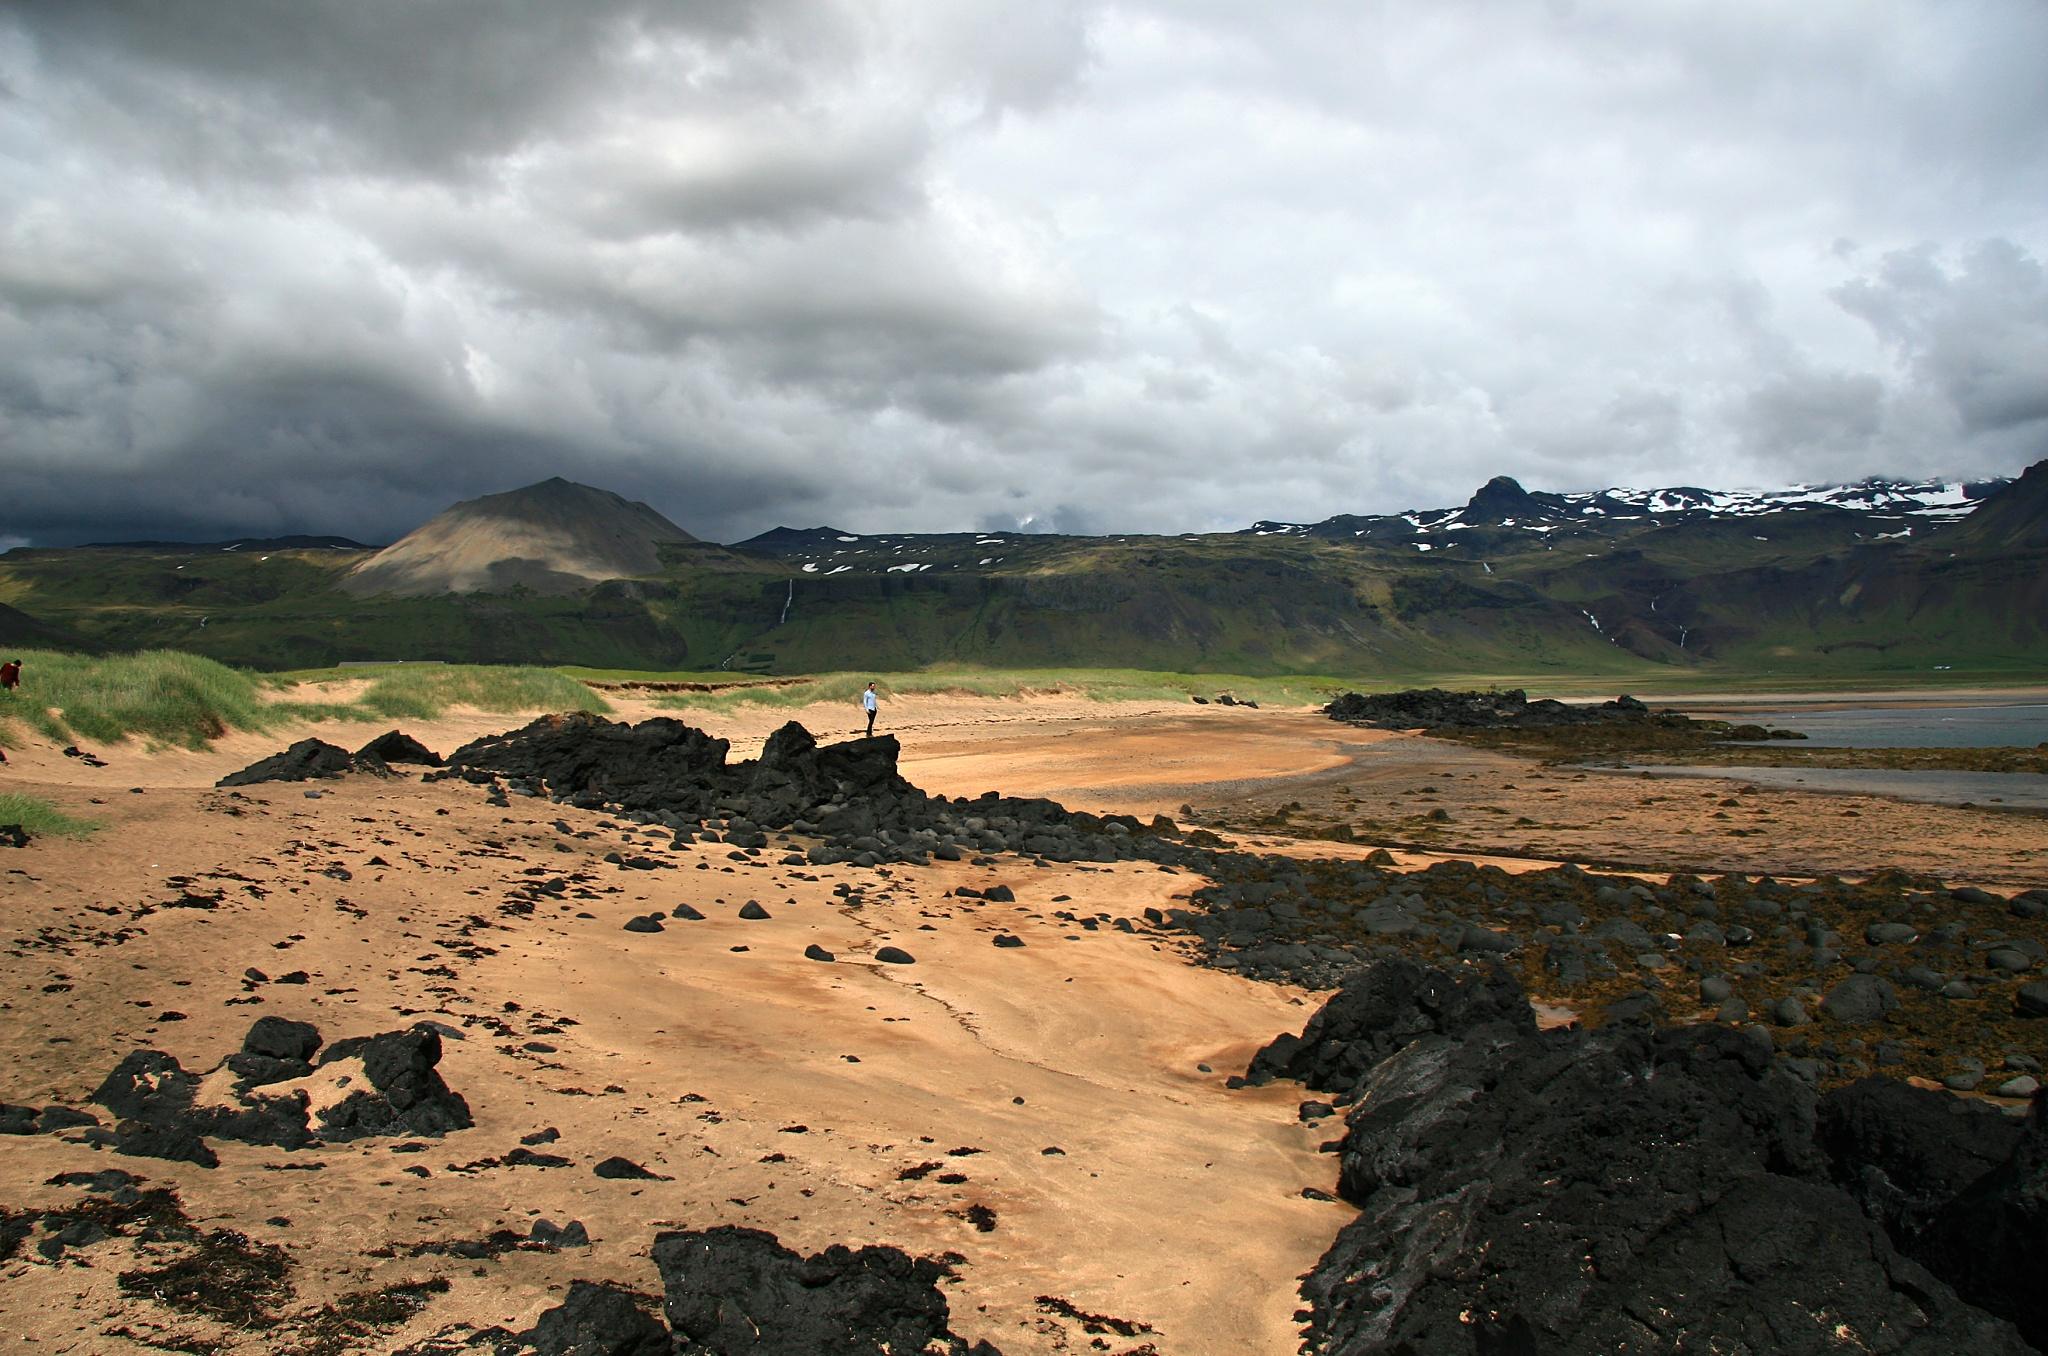 Pěkný kontrast žlutého písku a černé lávy.